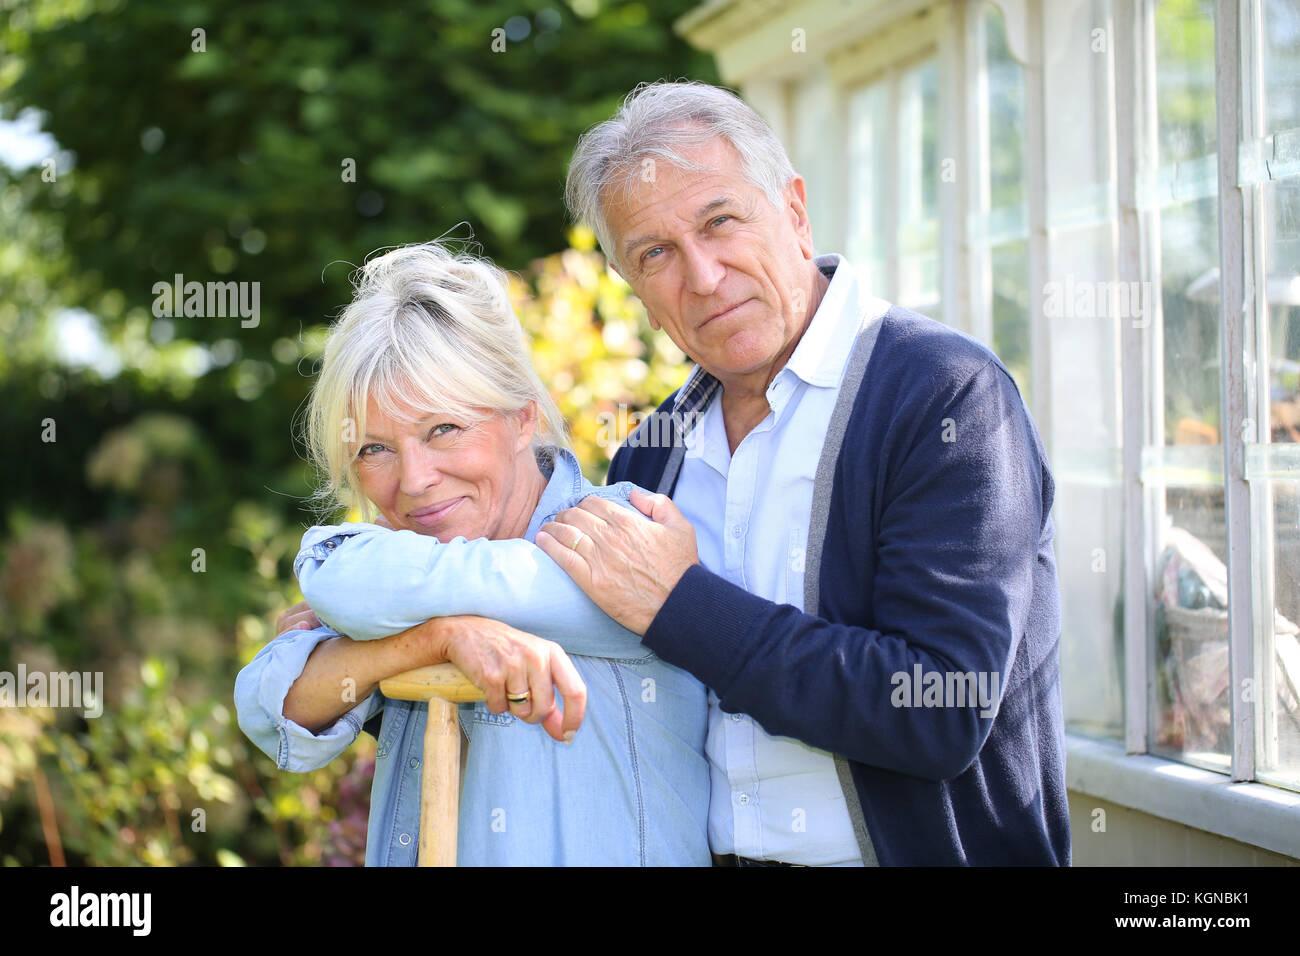 Coppia senior in piedi da serra in giardino Immagini Stock